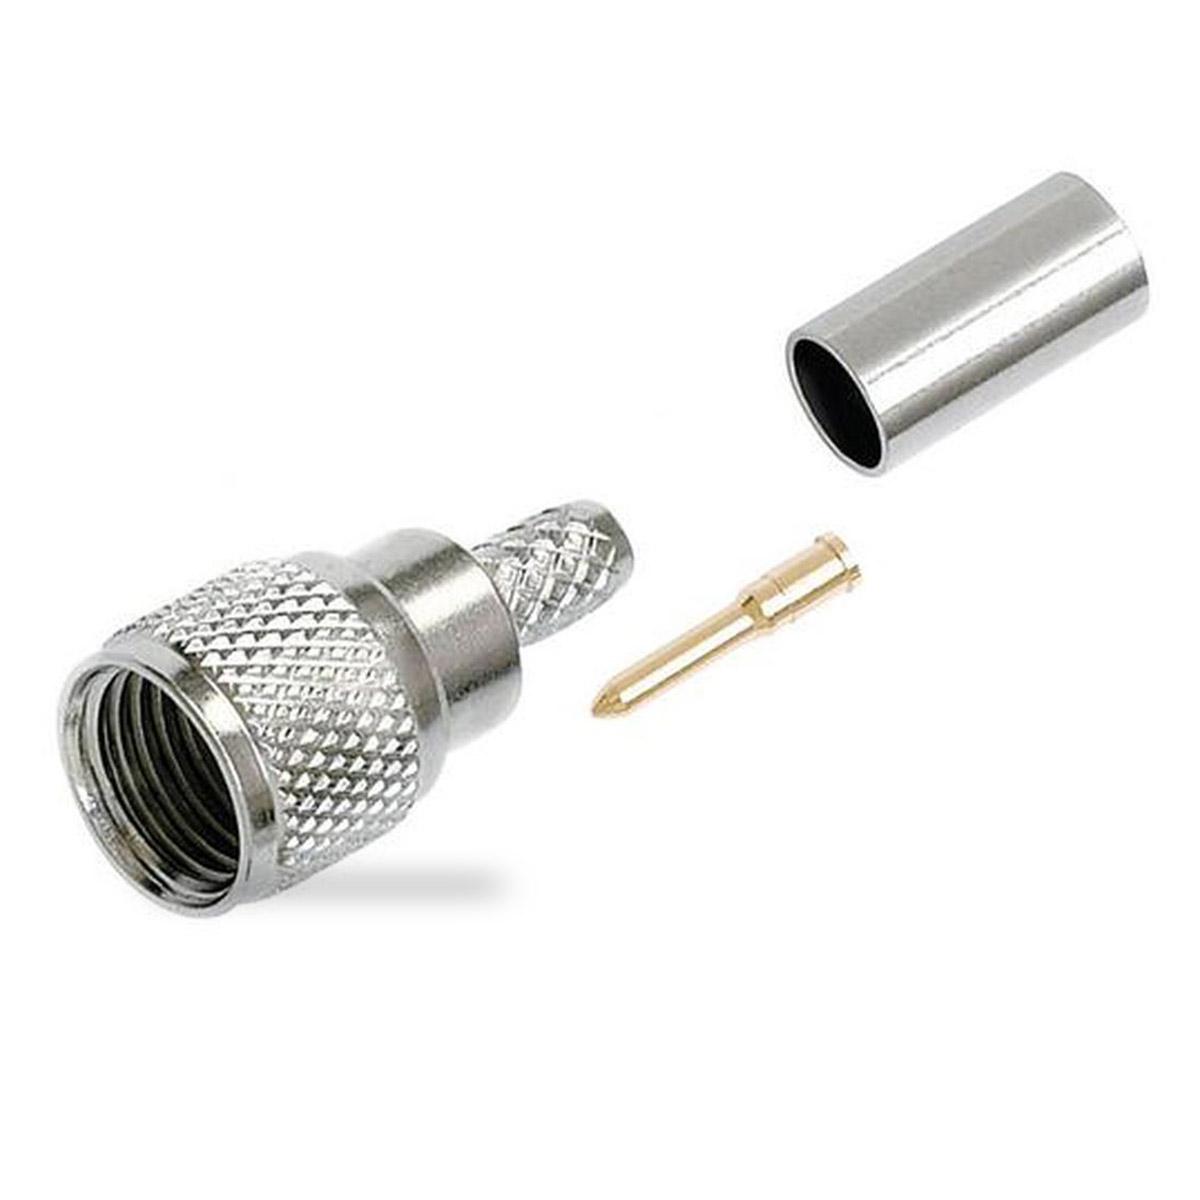 Conector de RF Mini-UHF para cable coaxial RG58 Mini-UHF